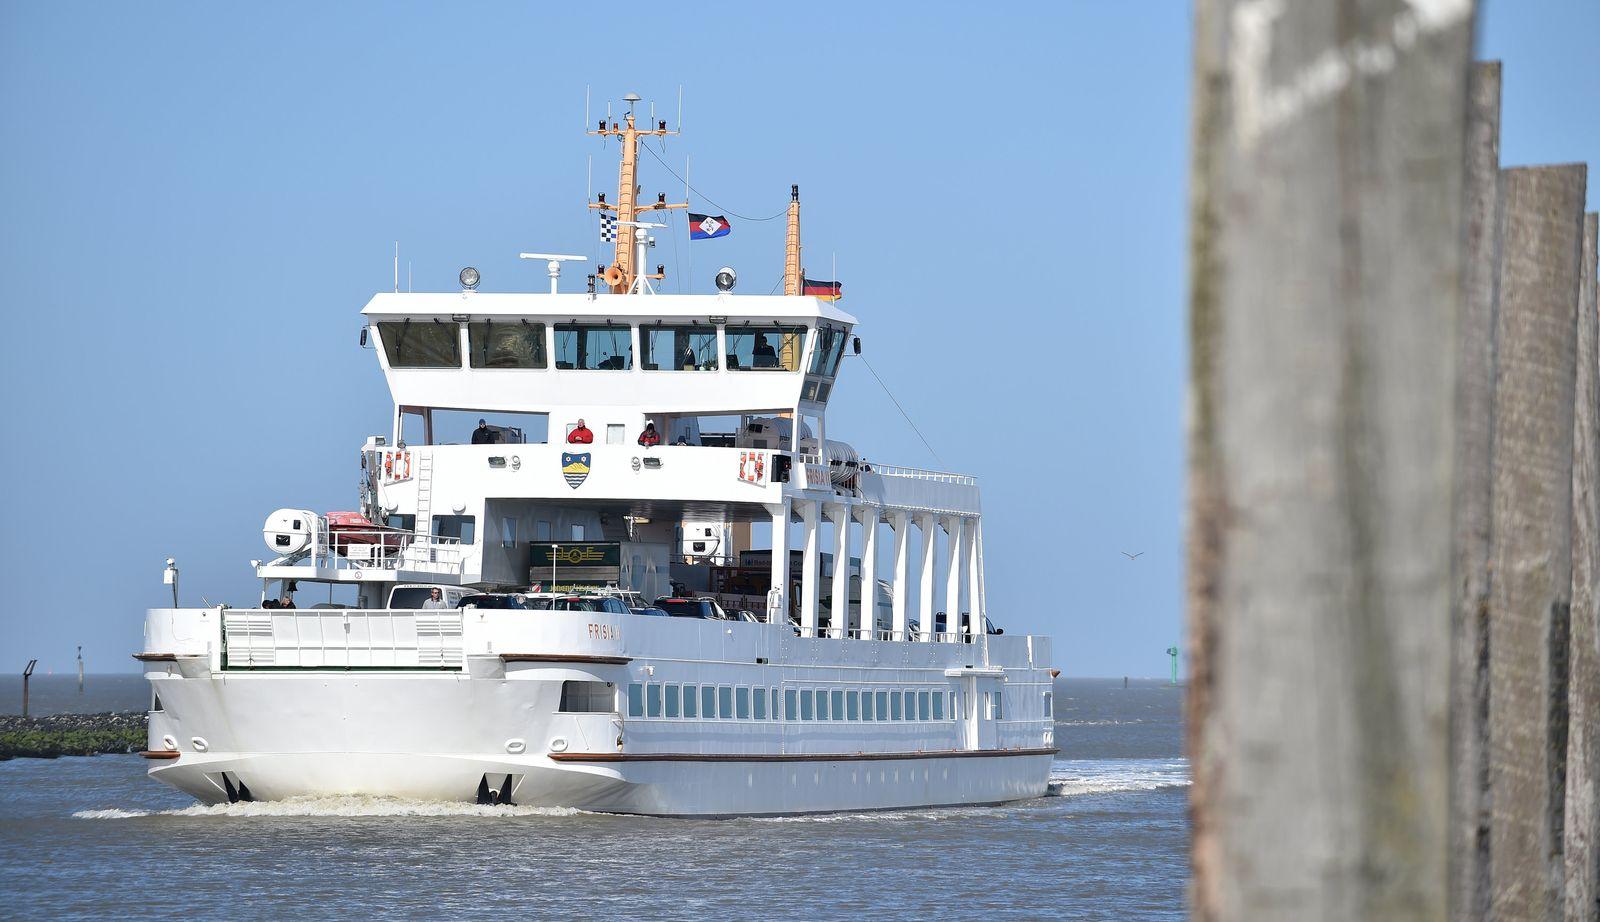 Übermorgen/ Juist/ MS Frisia II